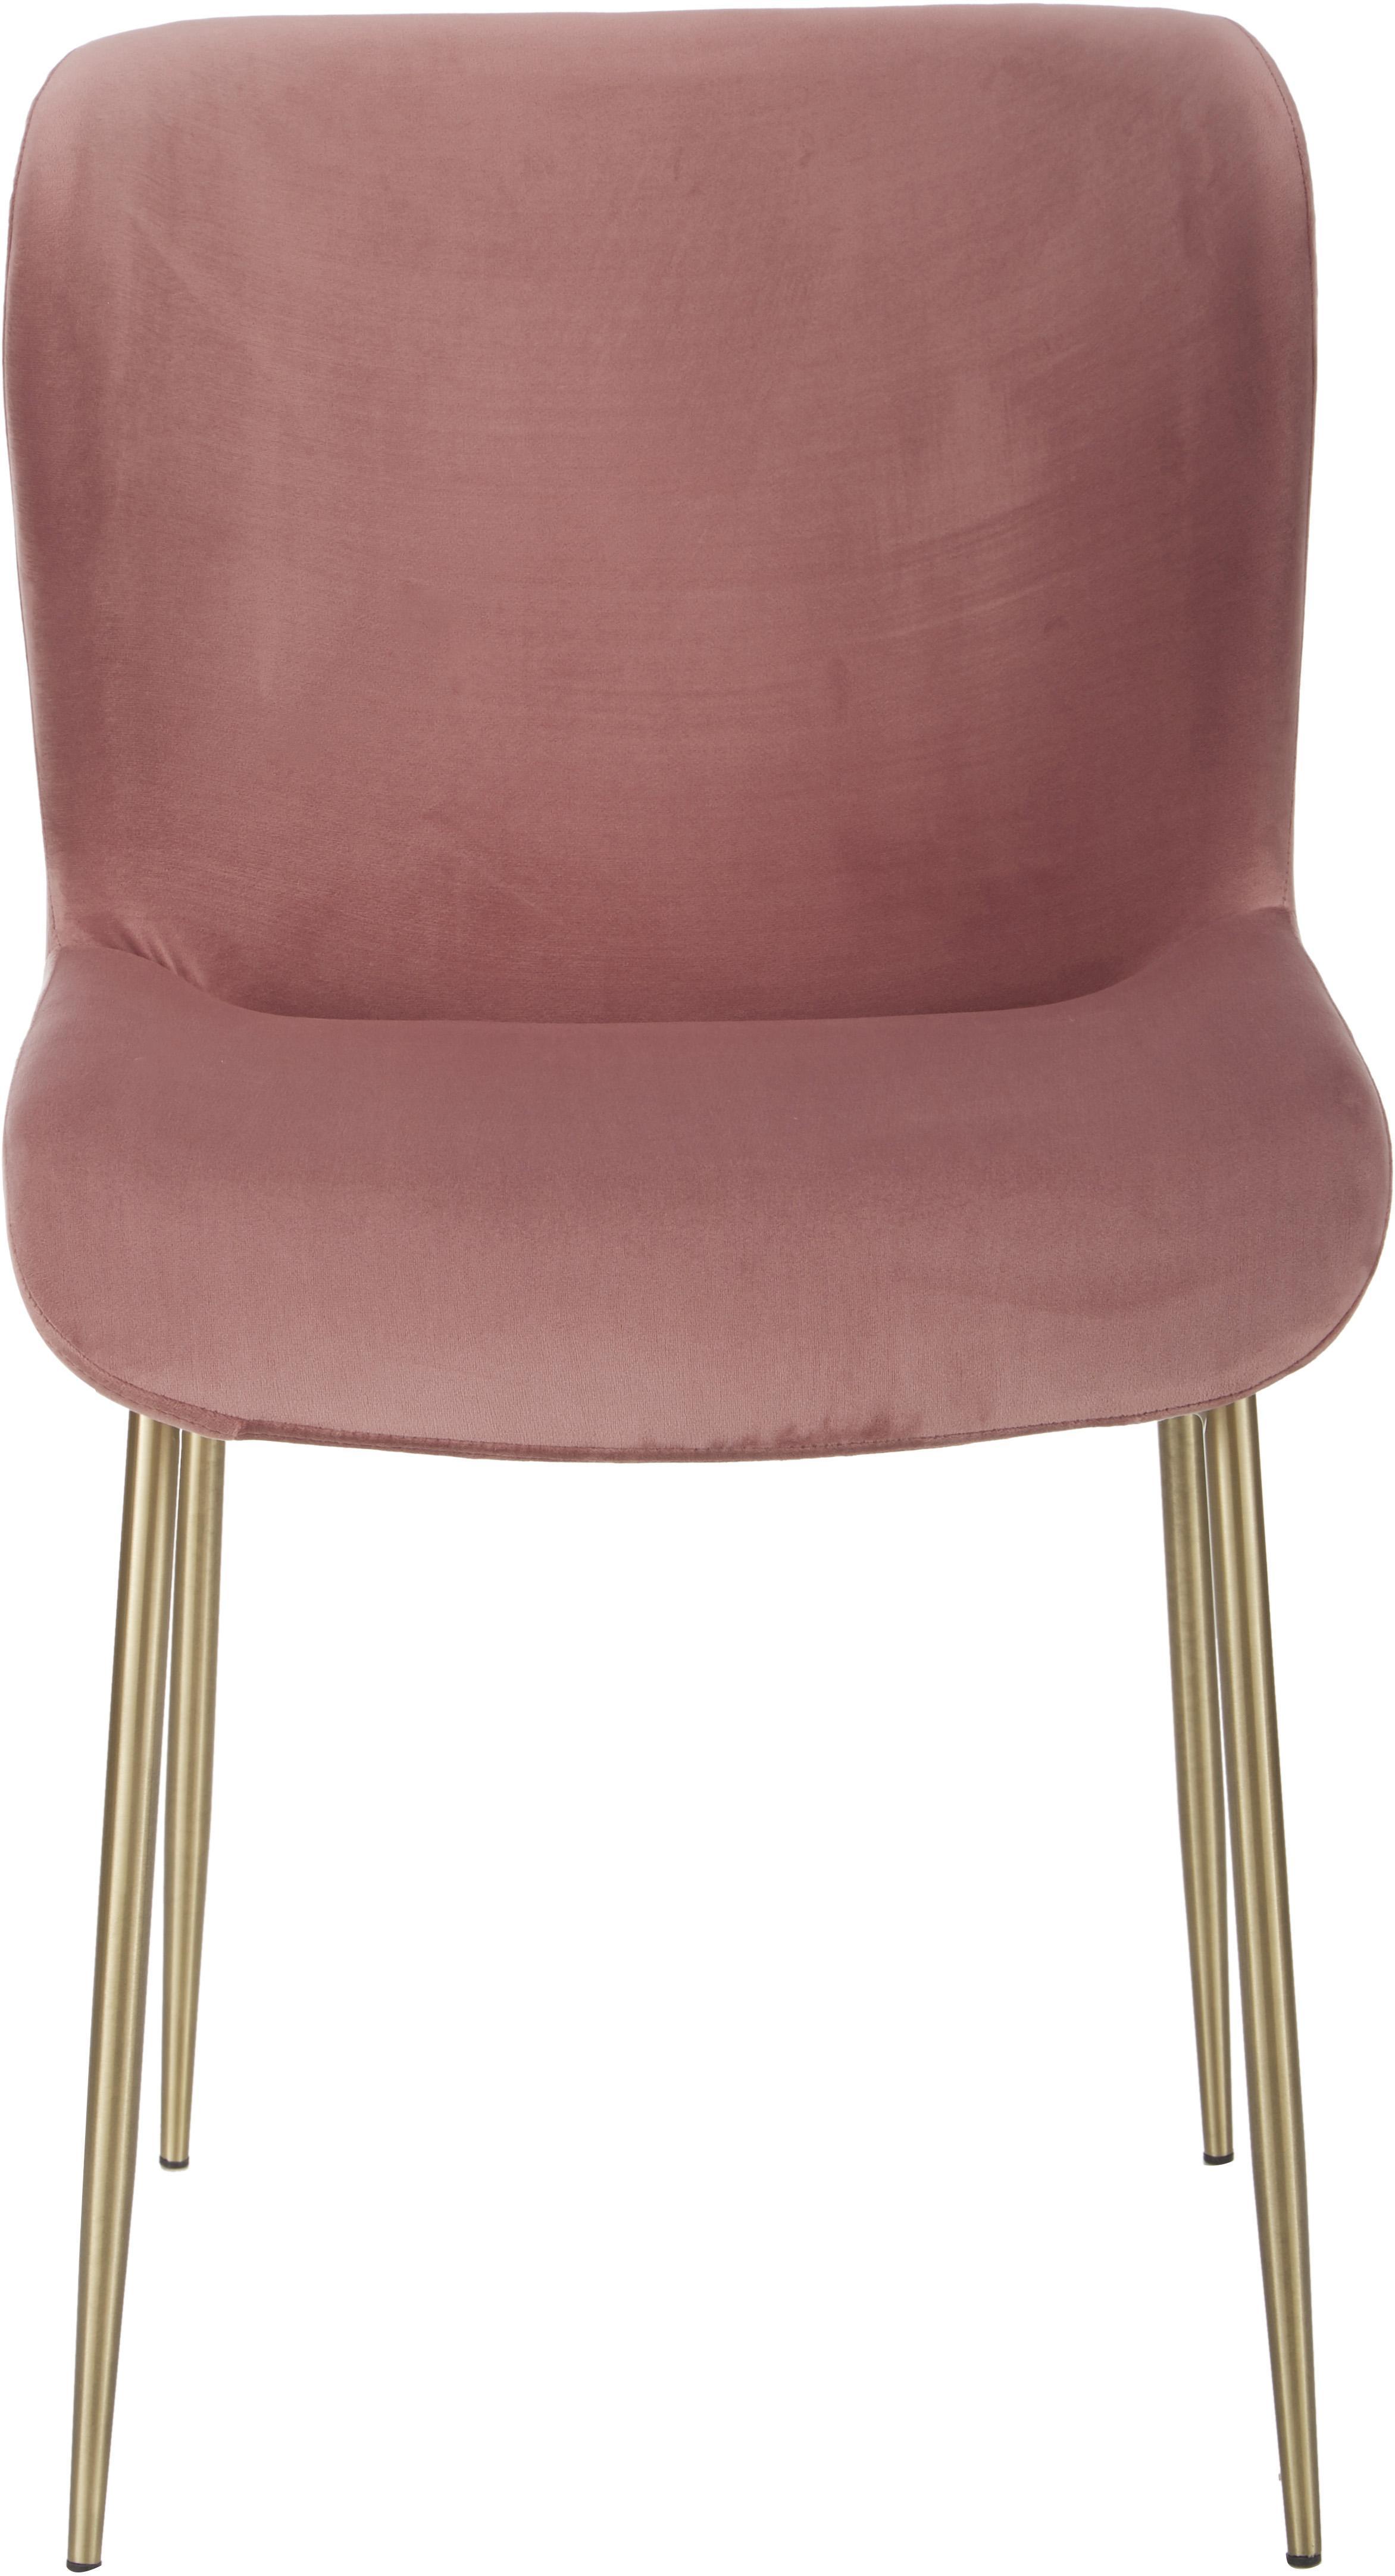 Sedia imbottita in velluto Tess, Rivestimento: velluto (poliestere) 30.0, Gambe: metallo rivestito, Velluto rosa cipria, gambe oro, Larg. 48 x Alt. 64 cm